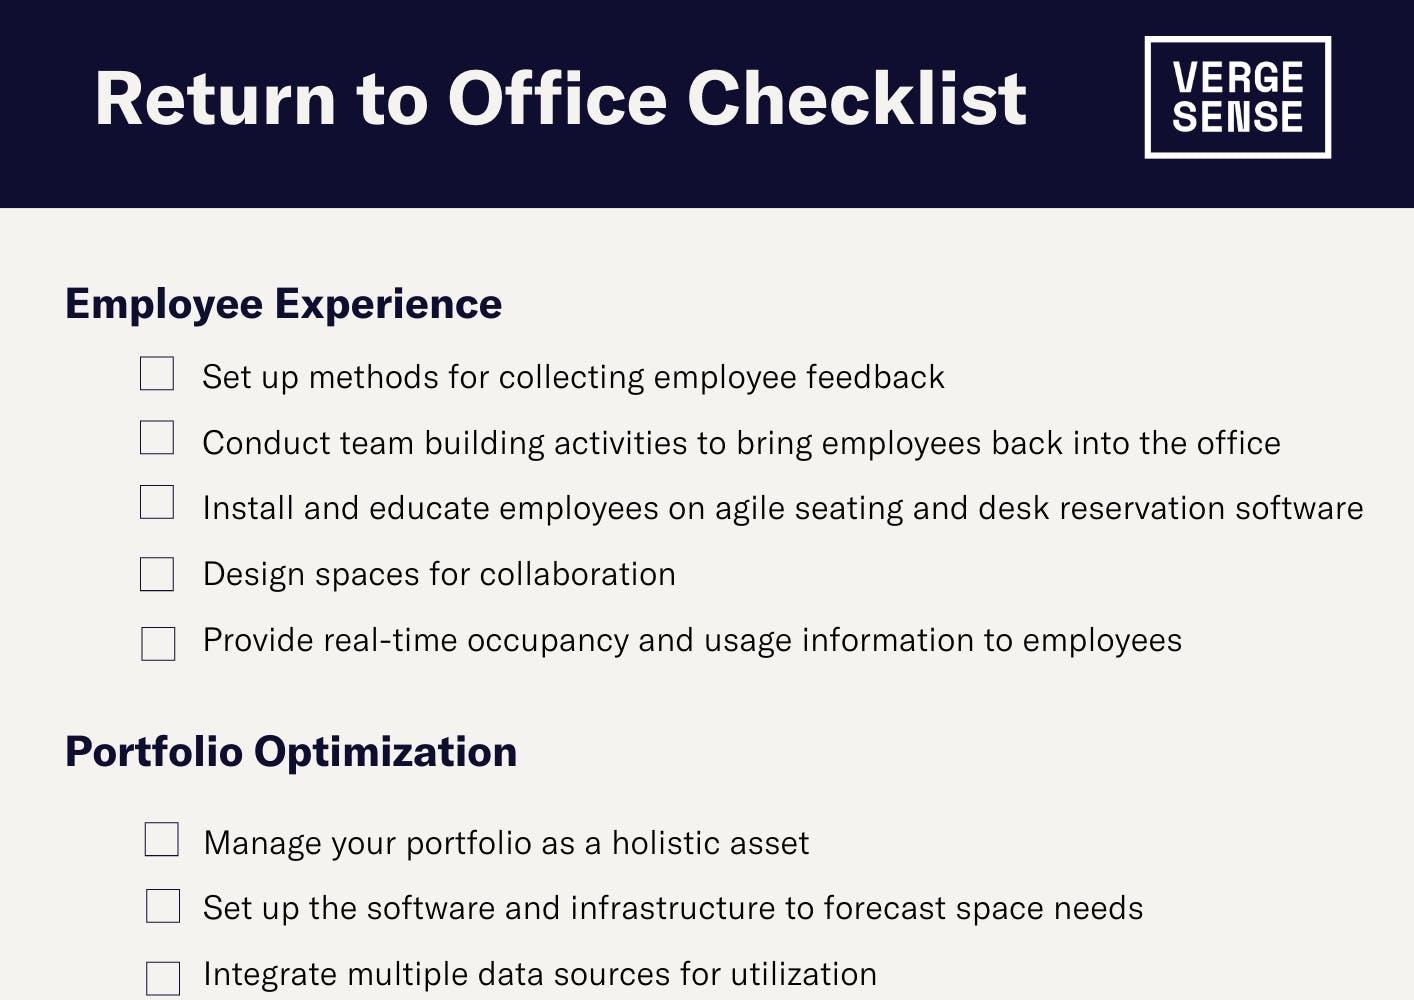 Return to Office Checklist